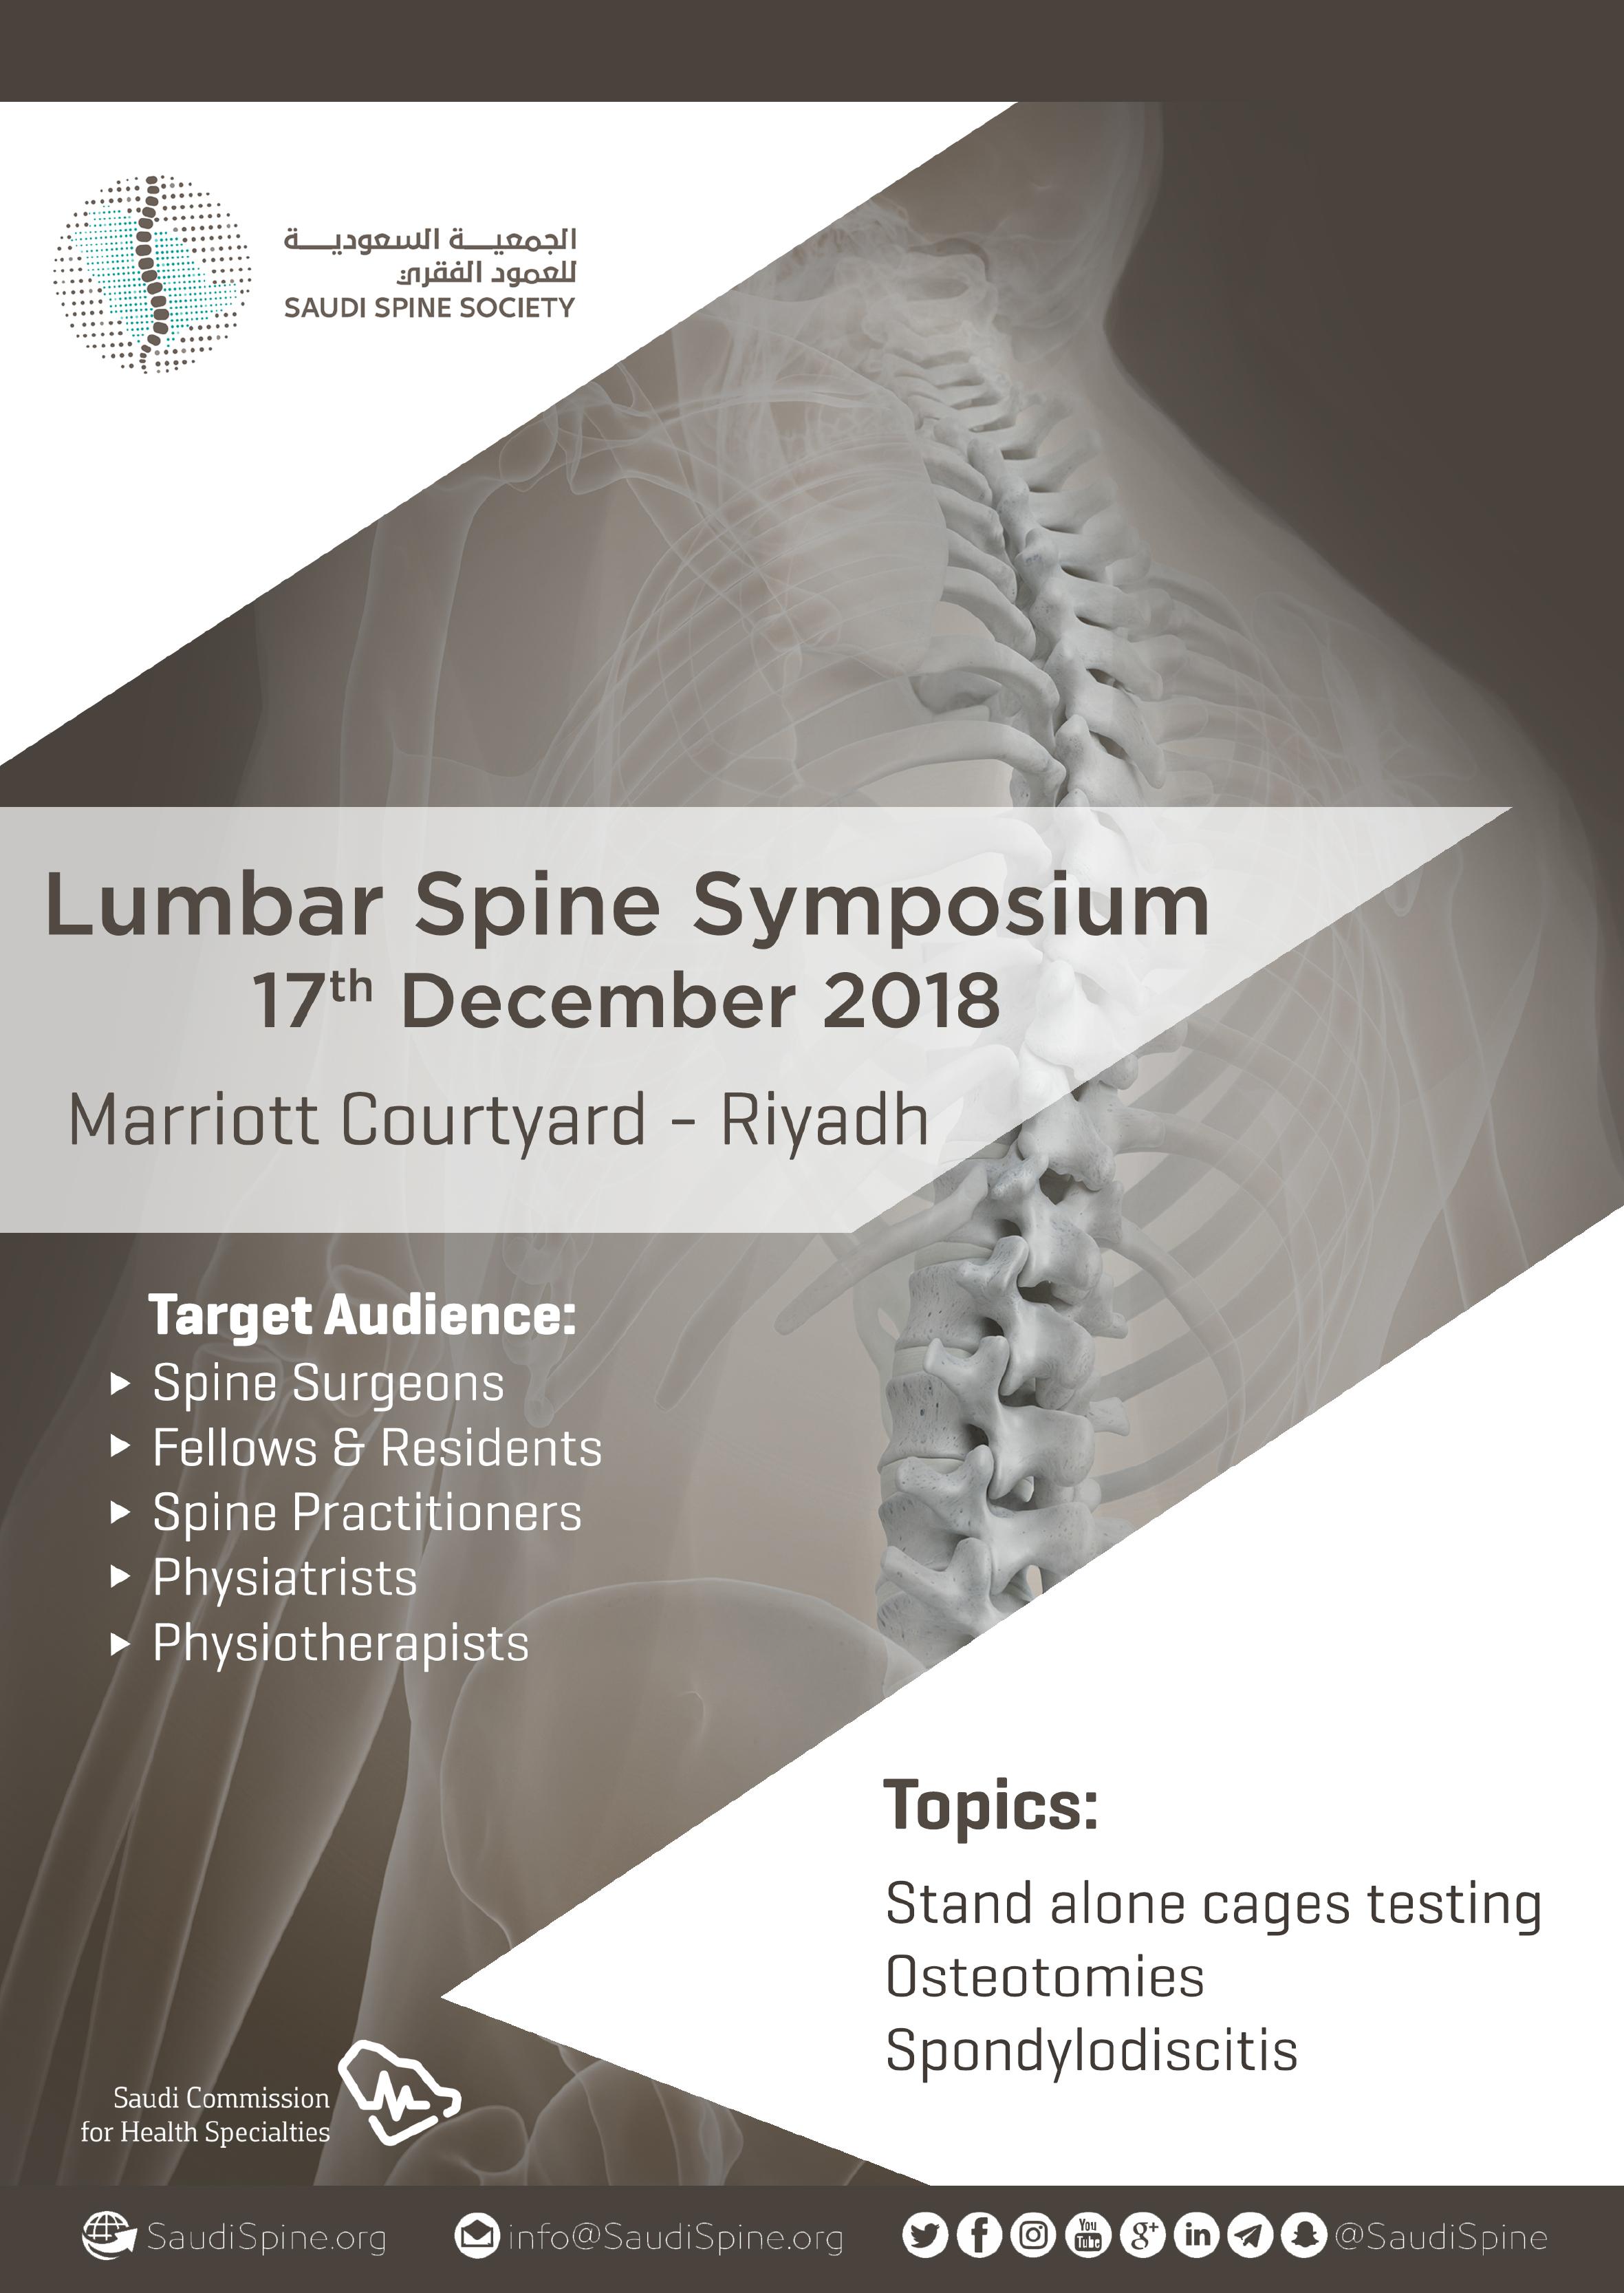 Lumbar Spine Symposium 2018